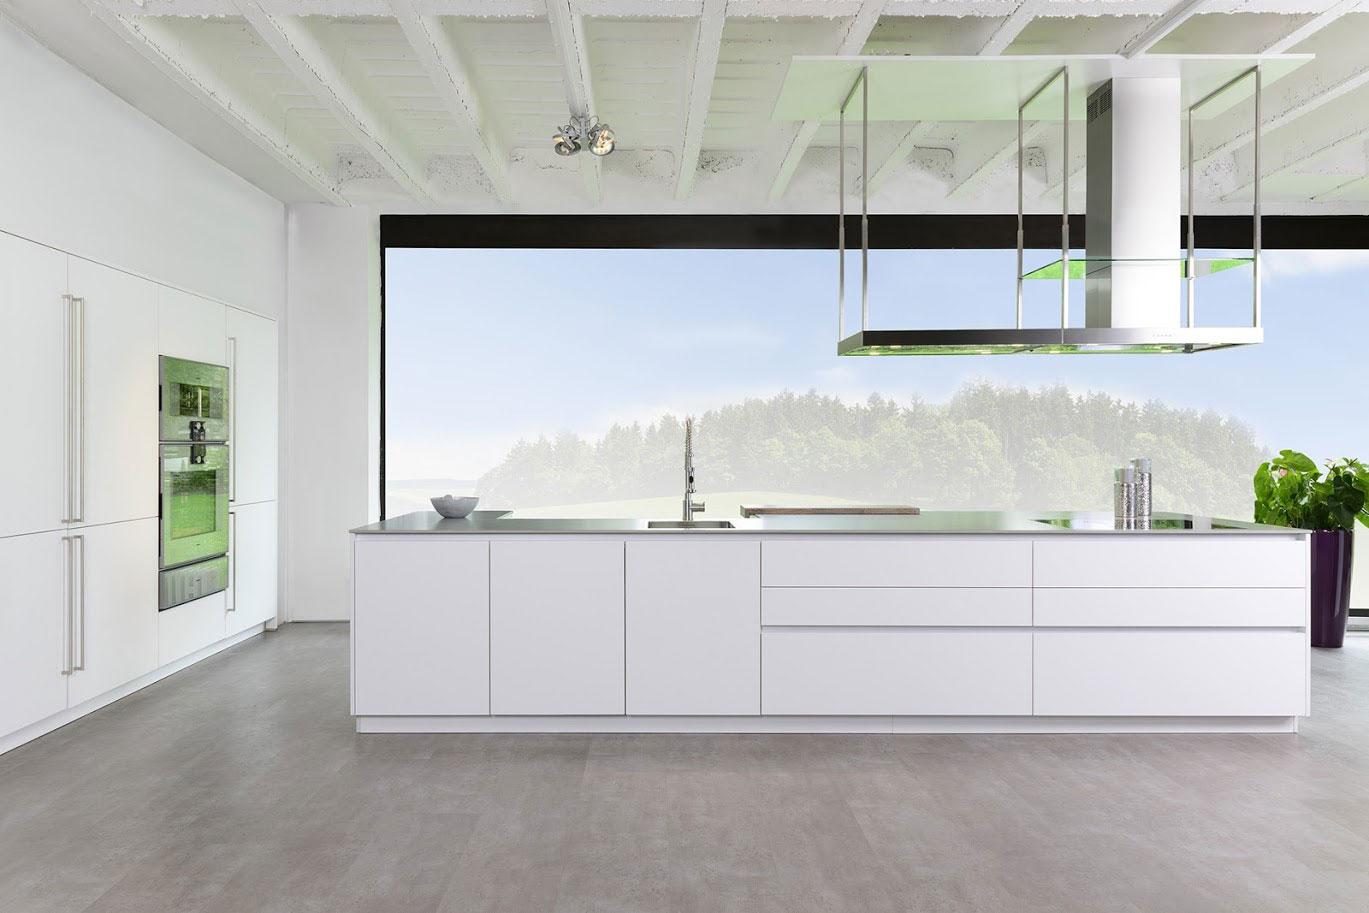 Ziemlich Erstellen Sie Ihre Eigenen Küche Designs Bilder - Ideen Für ...